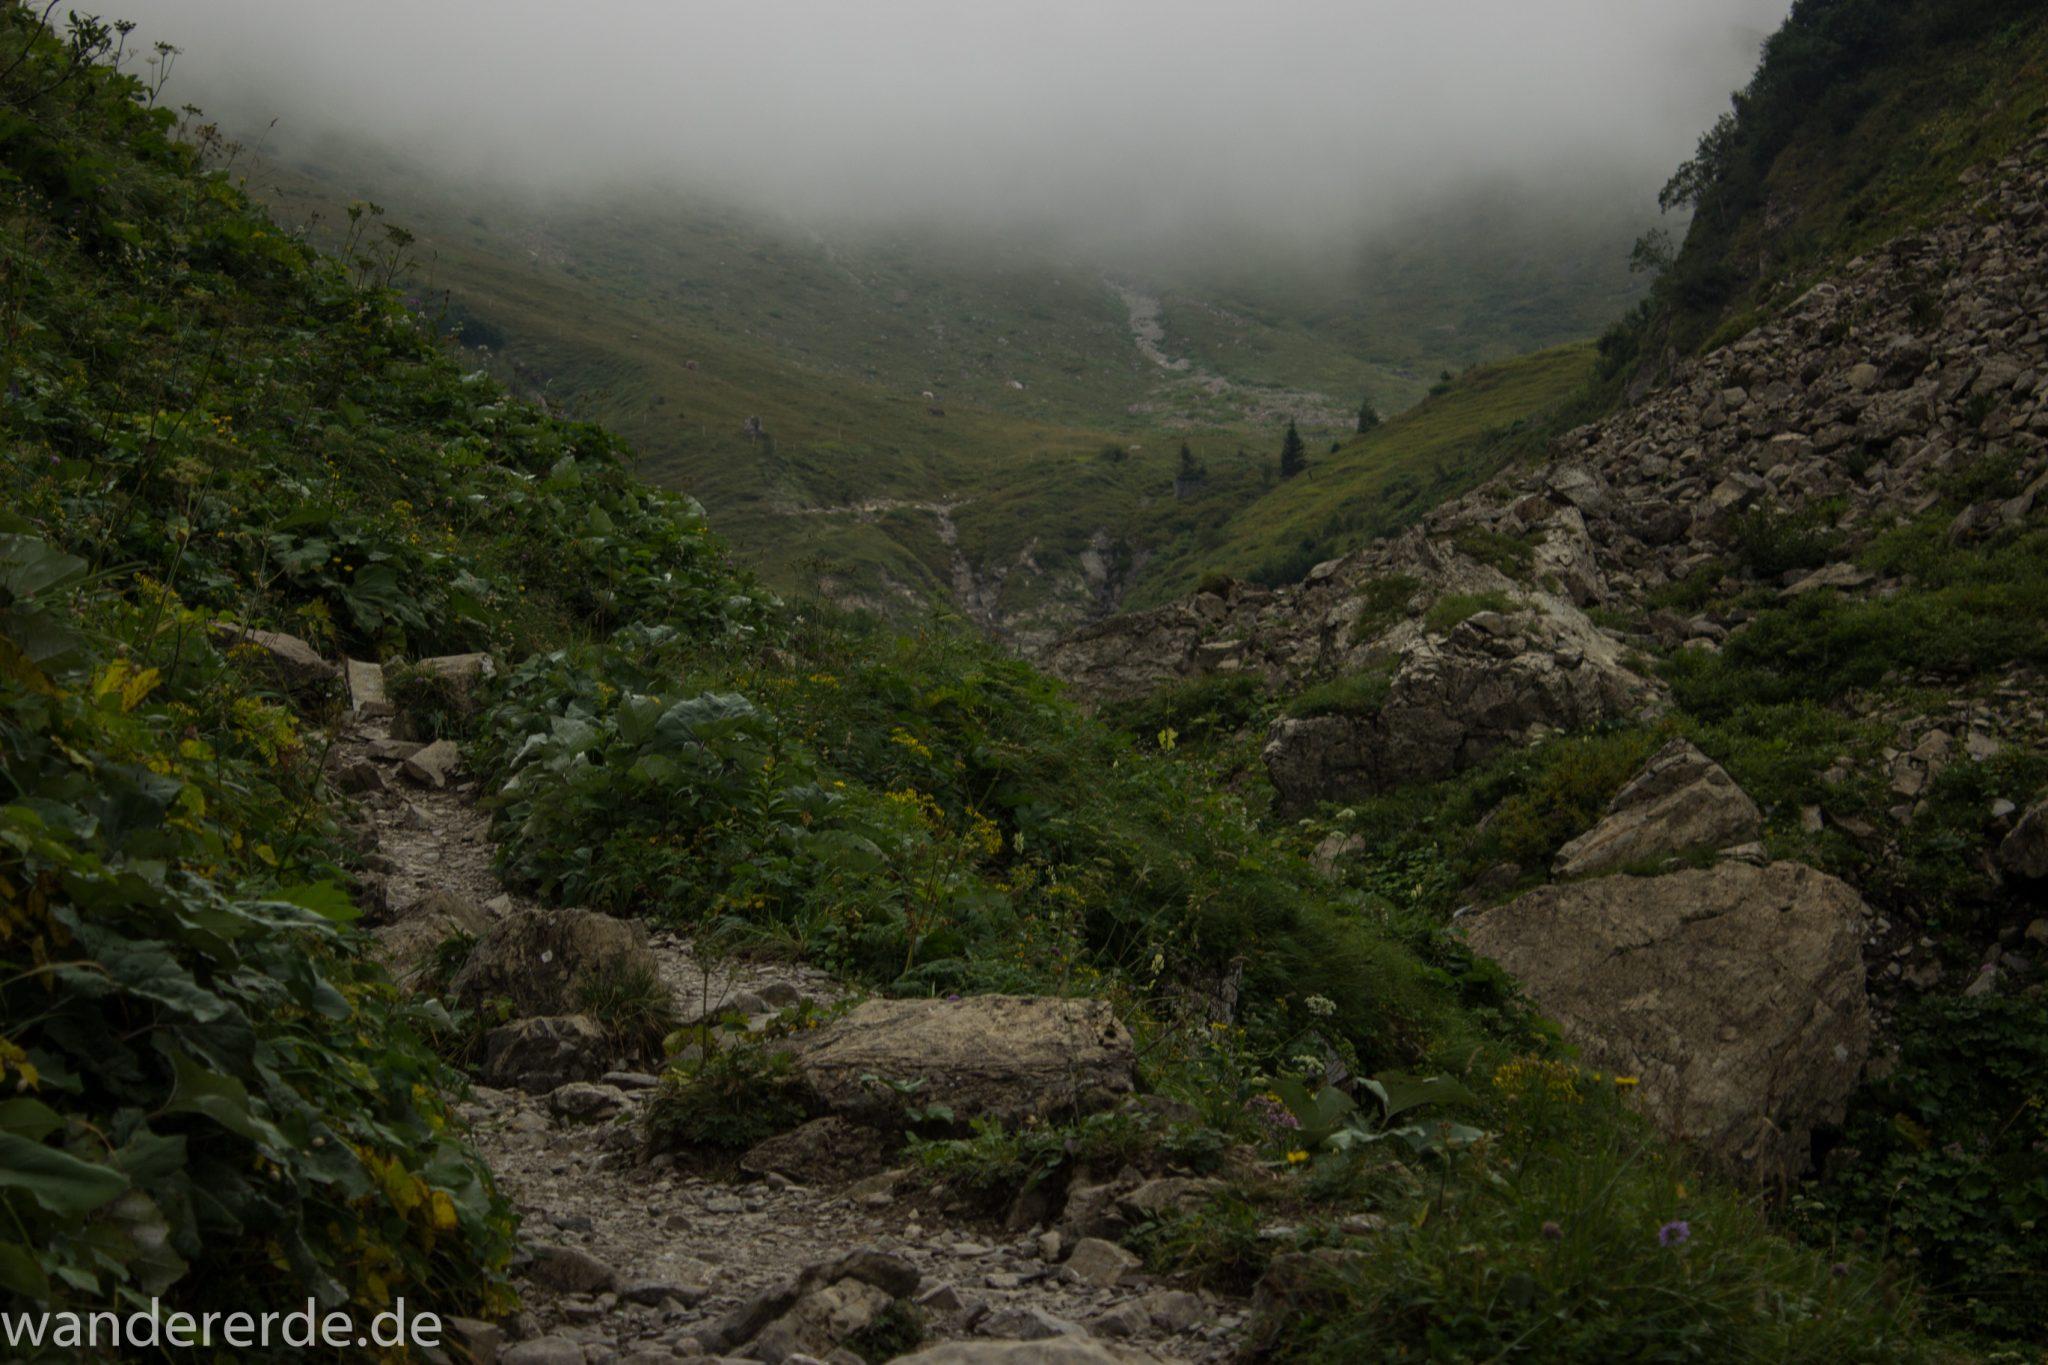 Alpenüberquerung Fernwanderweg E5 Oberstdorf Meran, 1. Etappe von Oberstdorf zur Kemptner Hütte, Wanderweg führt von der Spielmannsau bei Oberstdorf im Allgäu zur Kemptner Hütte entlang eines schmalen Wanderpfads mit saftig grüner Vegetation, über Stock und Stein, Weg durch Sperrbachtobel, Schlucht umgeben von hohen Felswänden in den Bergen, Wegverlauf zunehmend ansteigend, teilweise steil